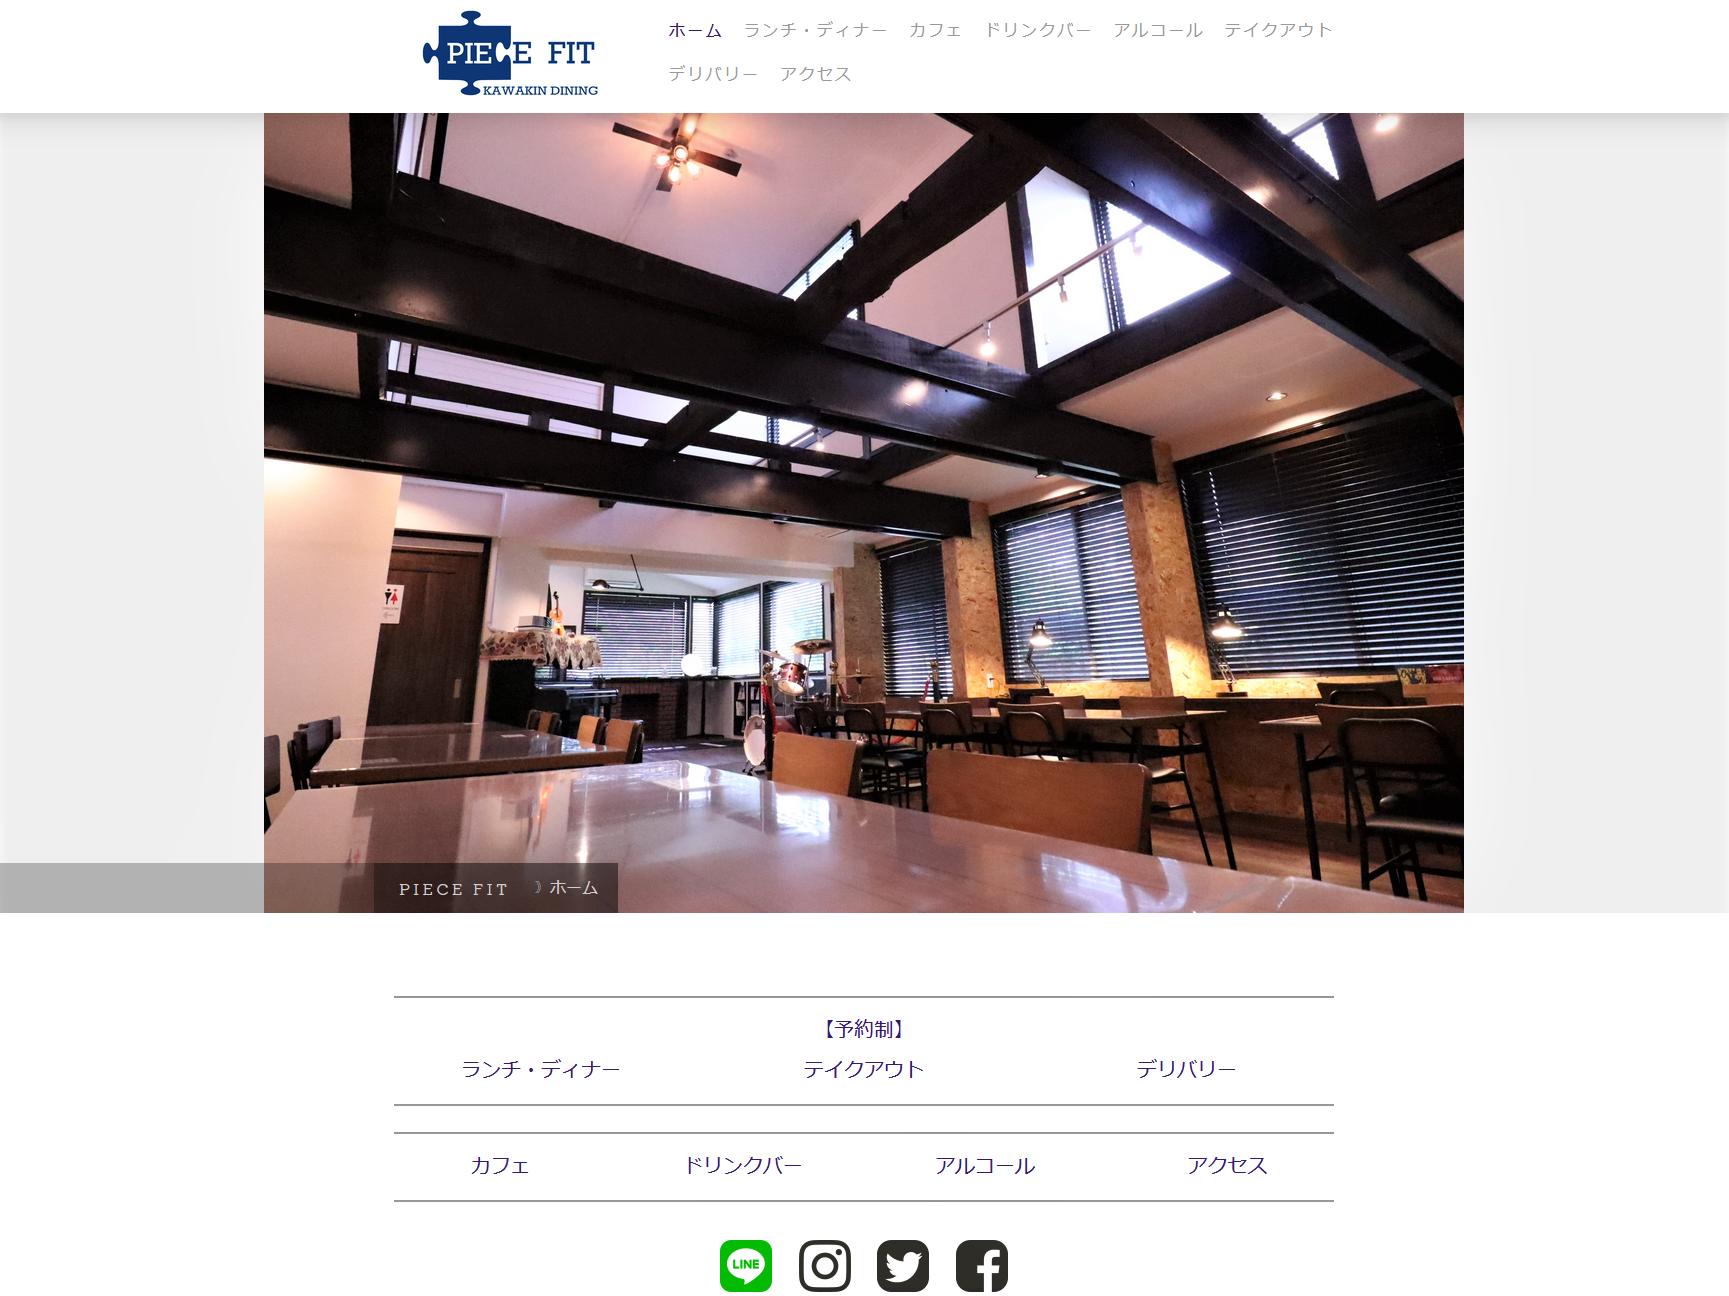 PIECE FIT -KAWAKIN DINING-サイトをリニューアルしました